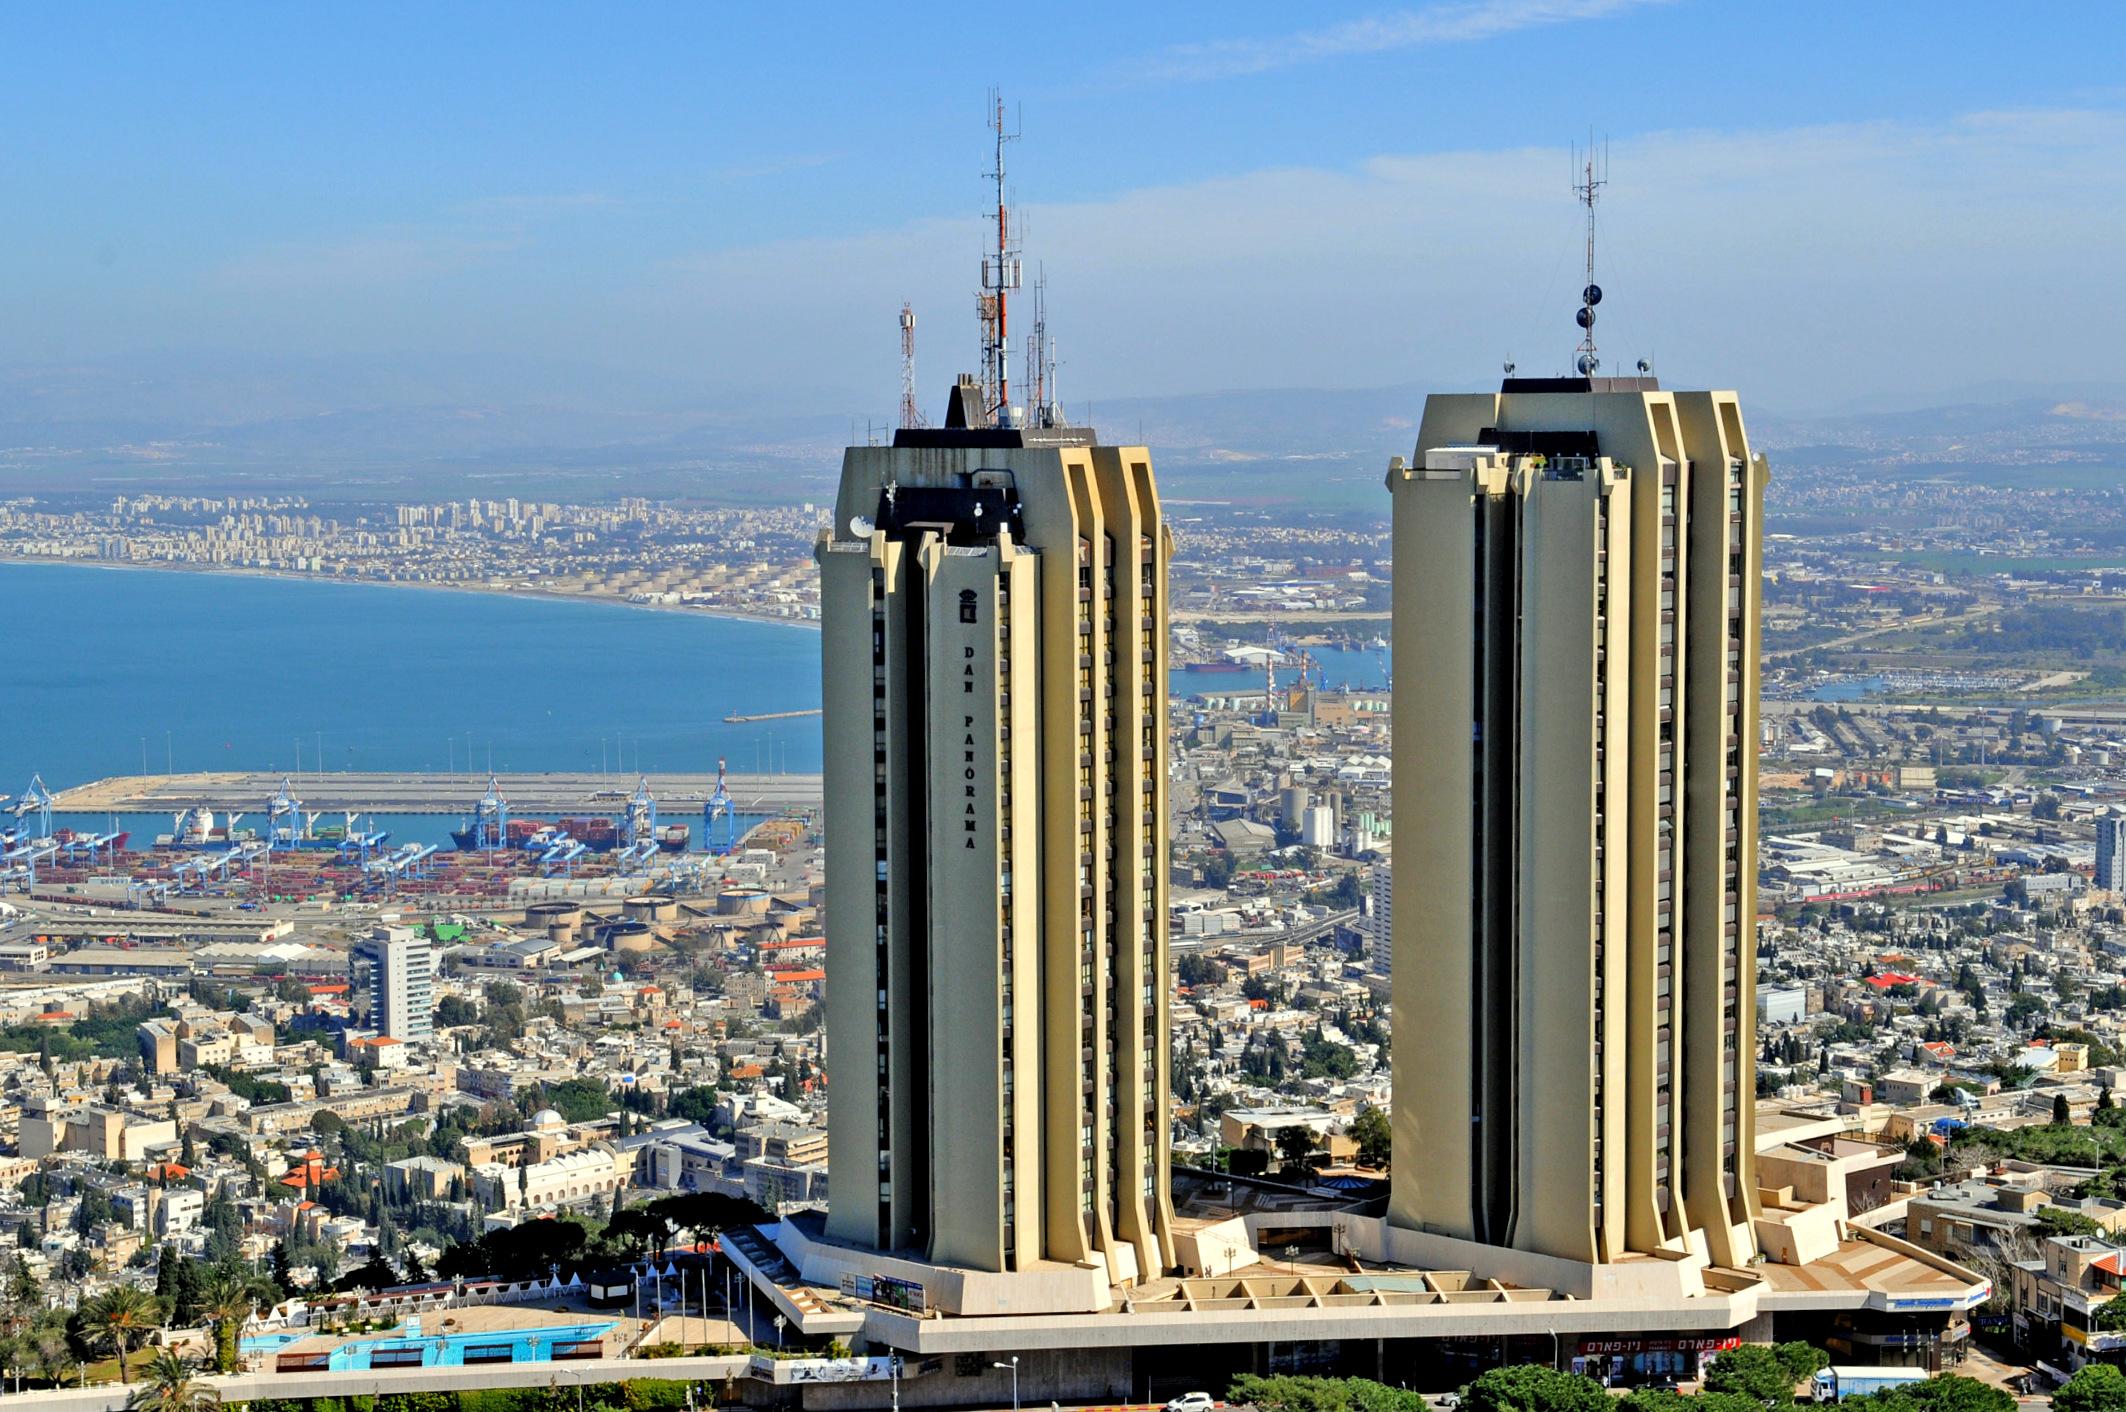 מגדלי פנורמה בחיפה